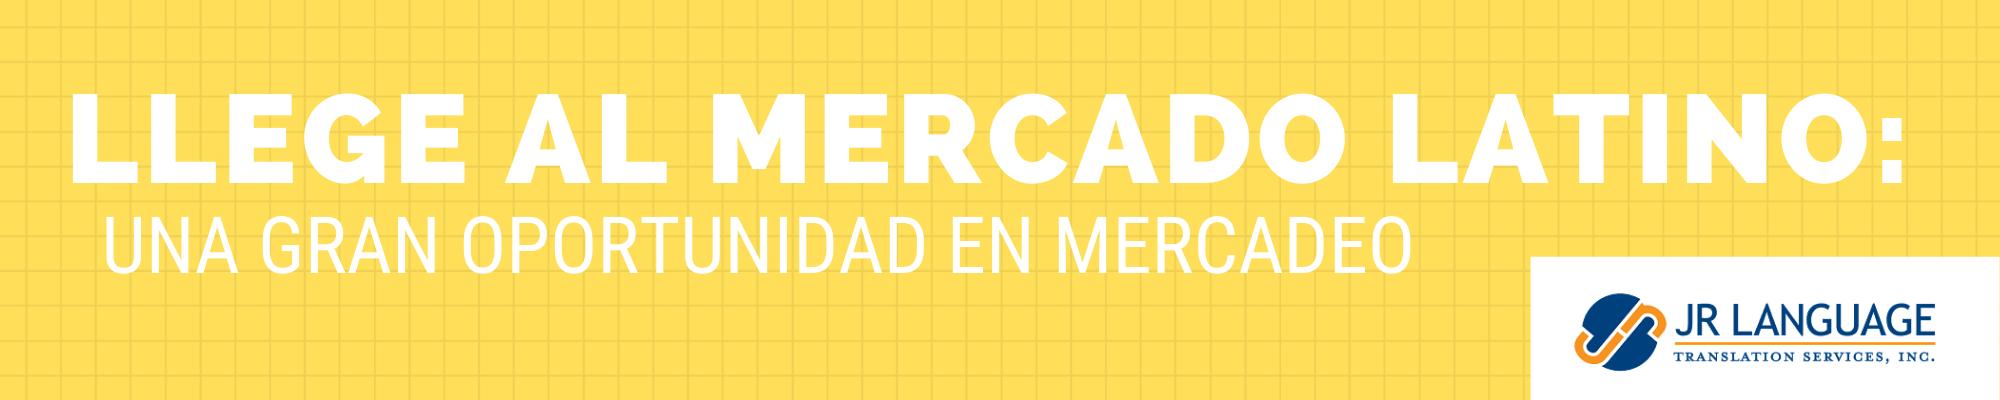 traducción al español de contenido al mercado latino